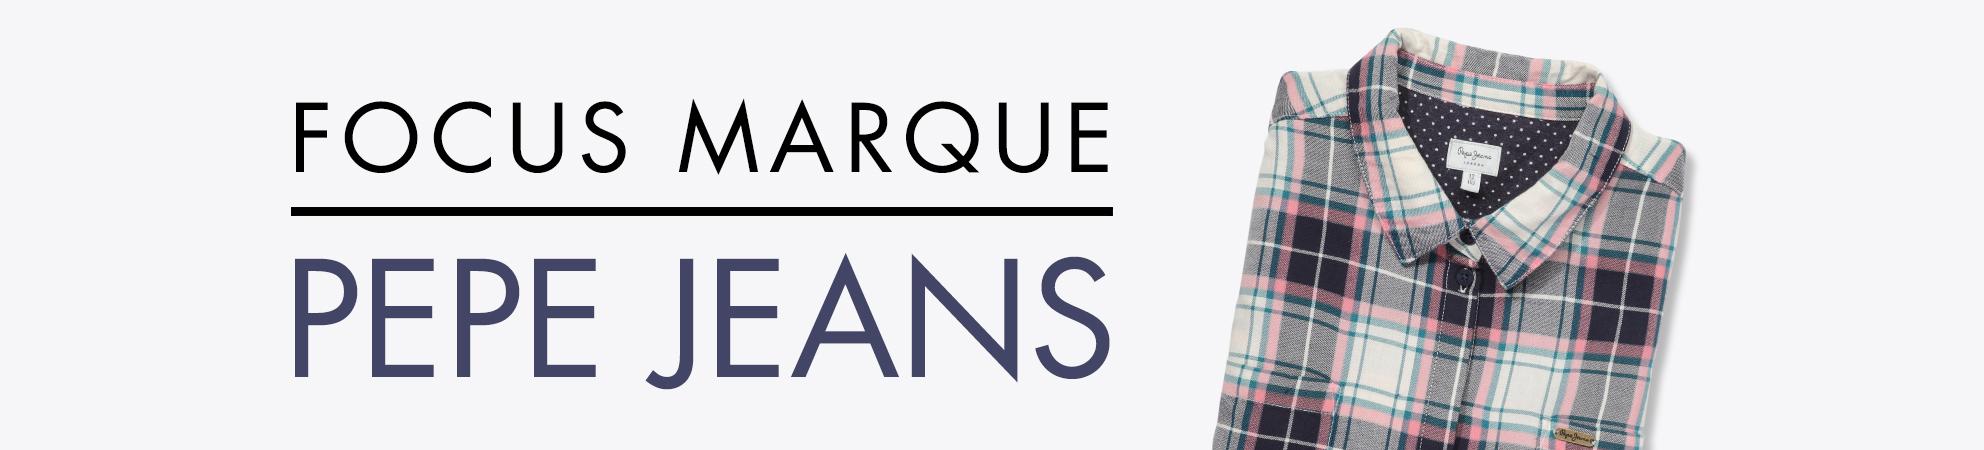 Focus Marque: pepe jeans